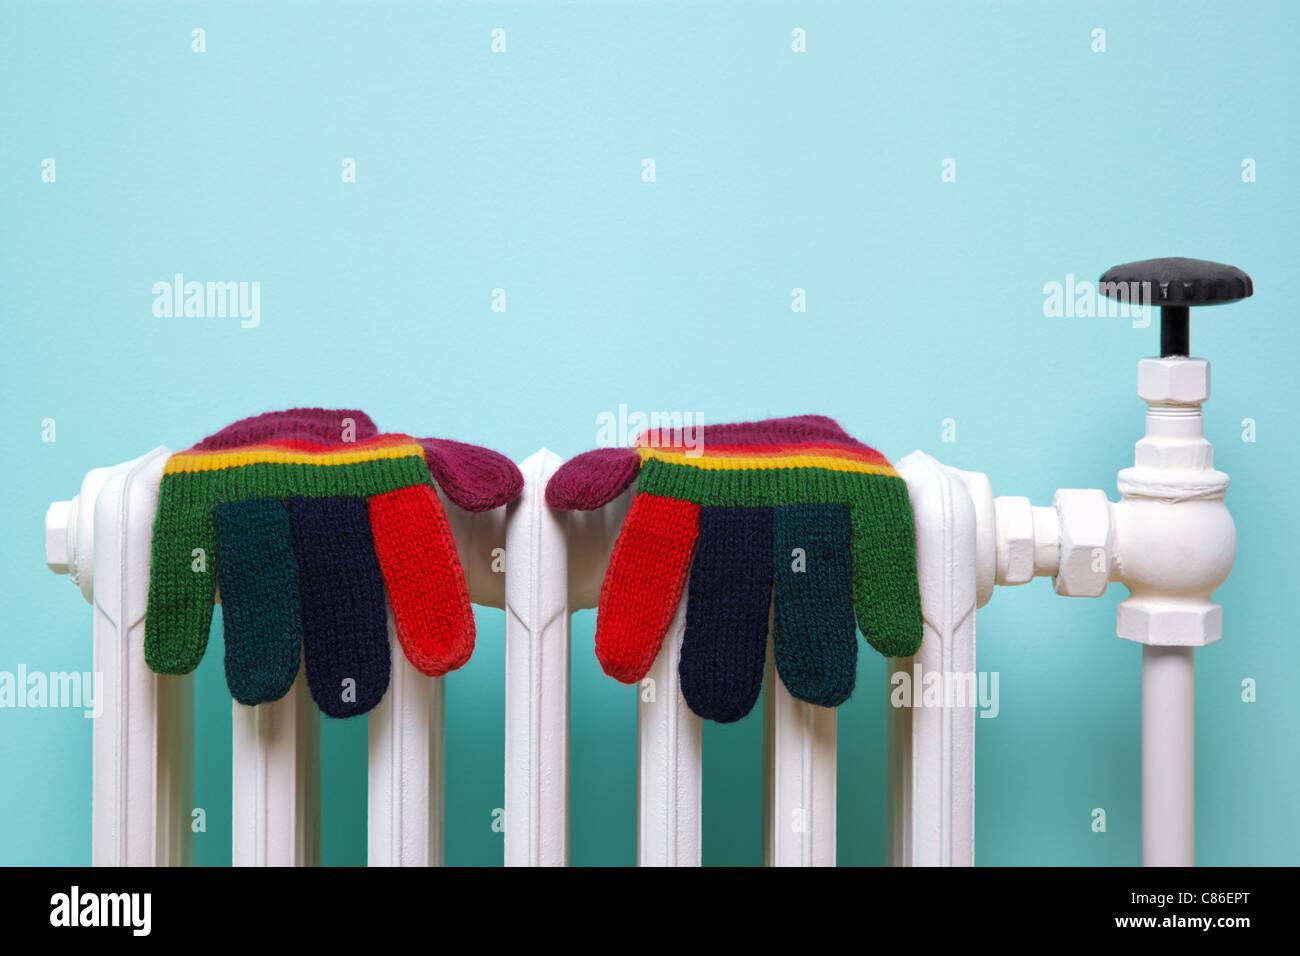 Foto de un par de guantes de lana a rayas tejidas a mano secado en un tradicional radiador de hierro fundido. Imagen De Stock